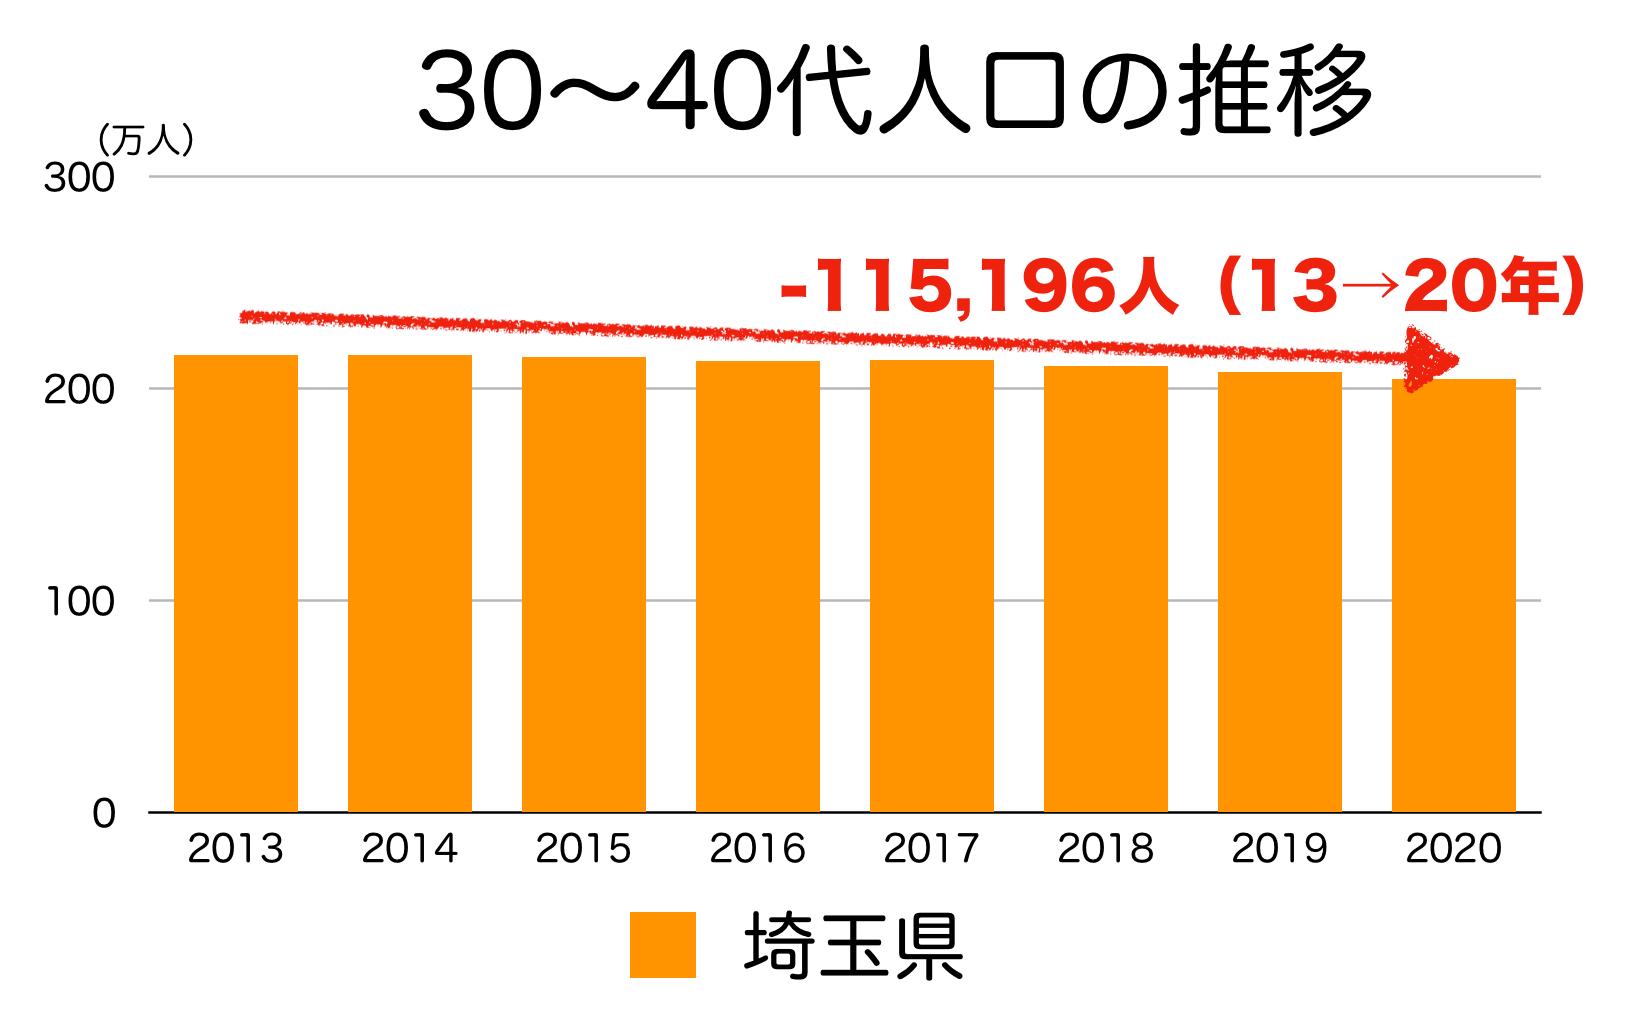 埼玉県の30〜40代人口の推移